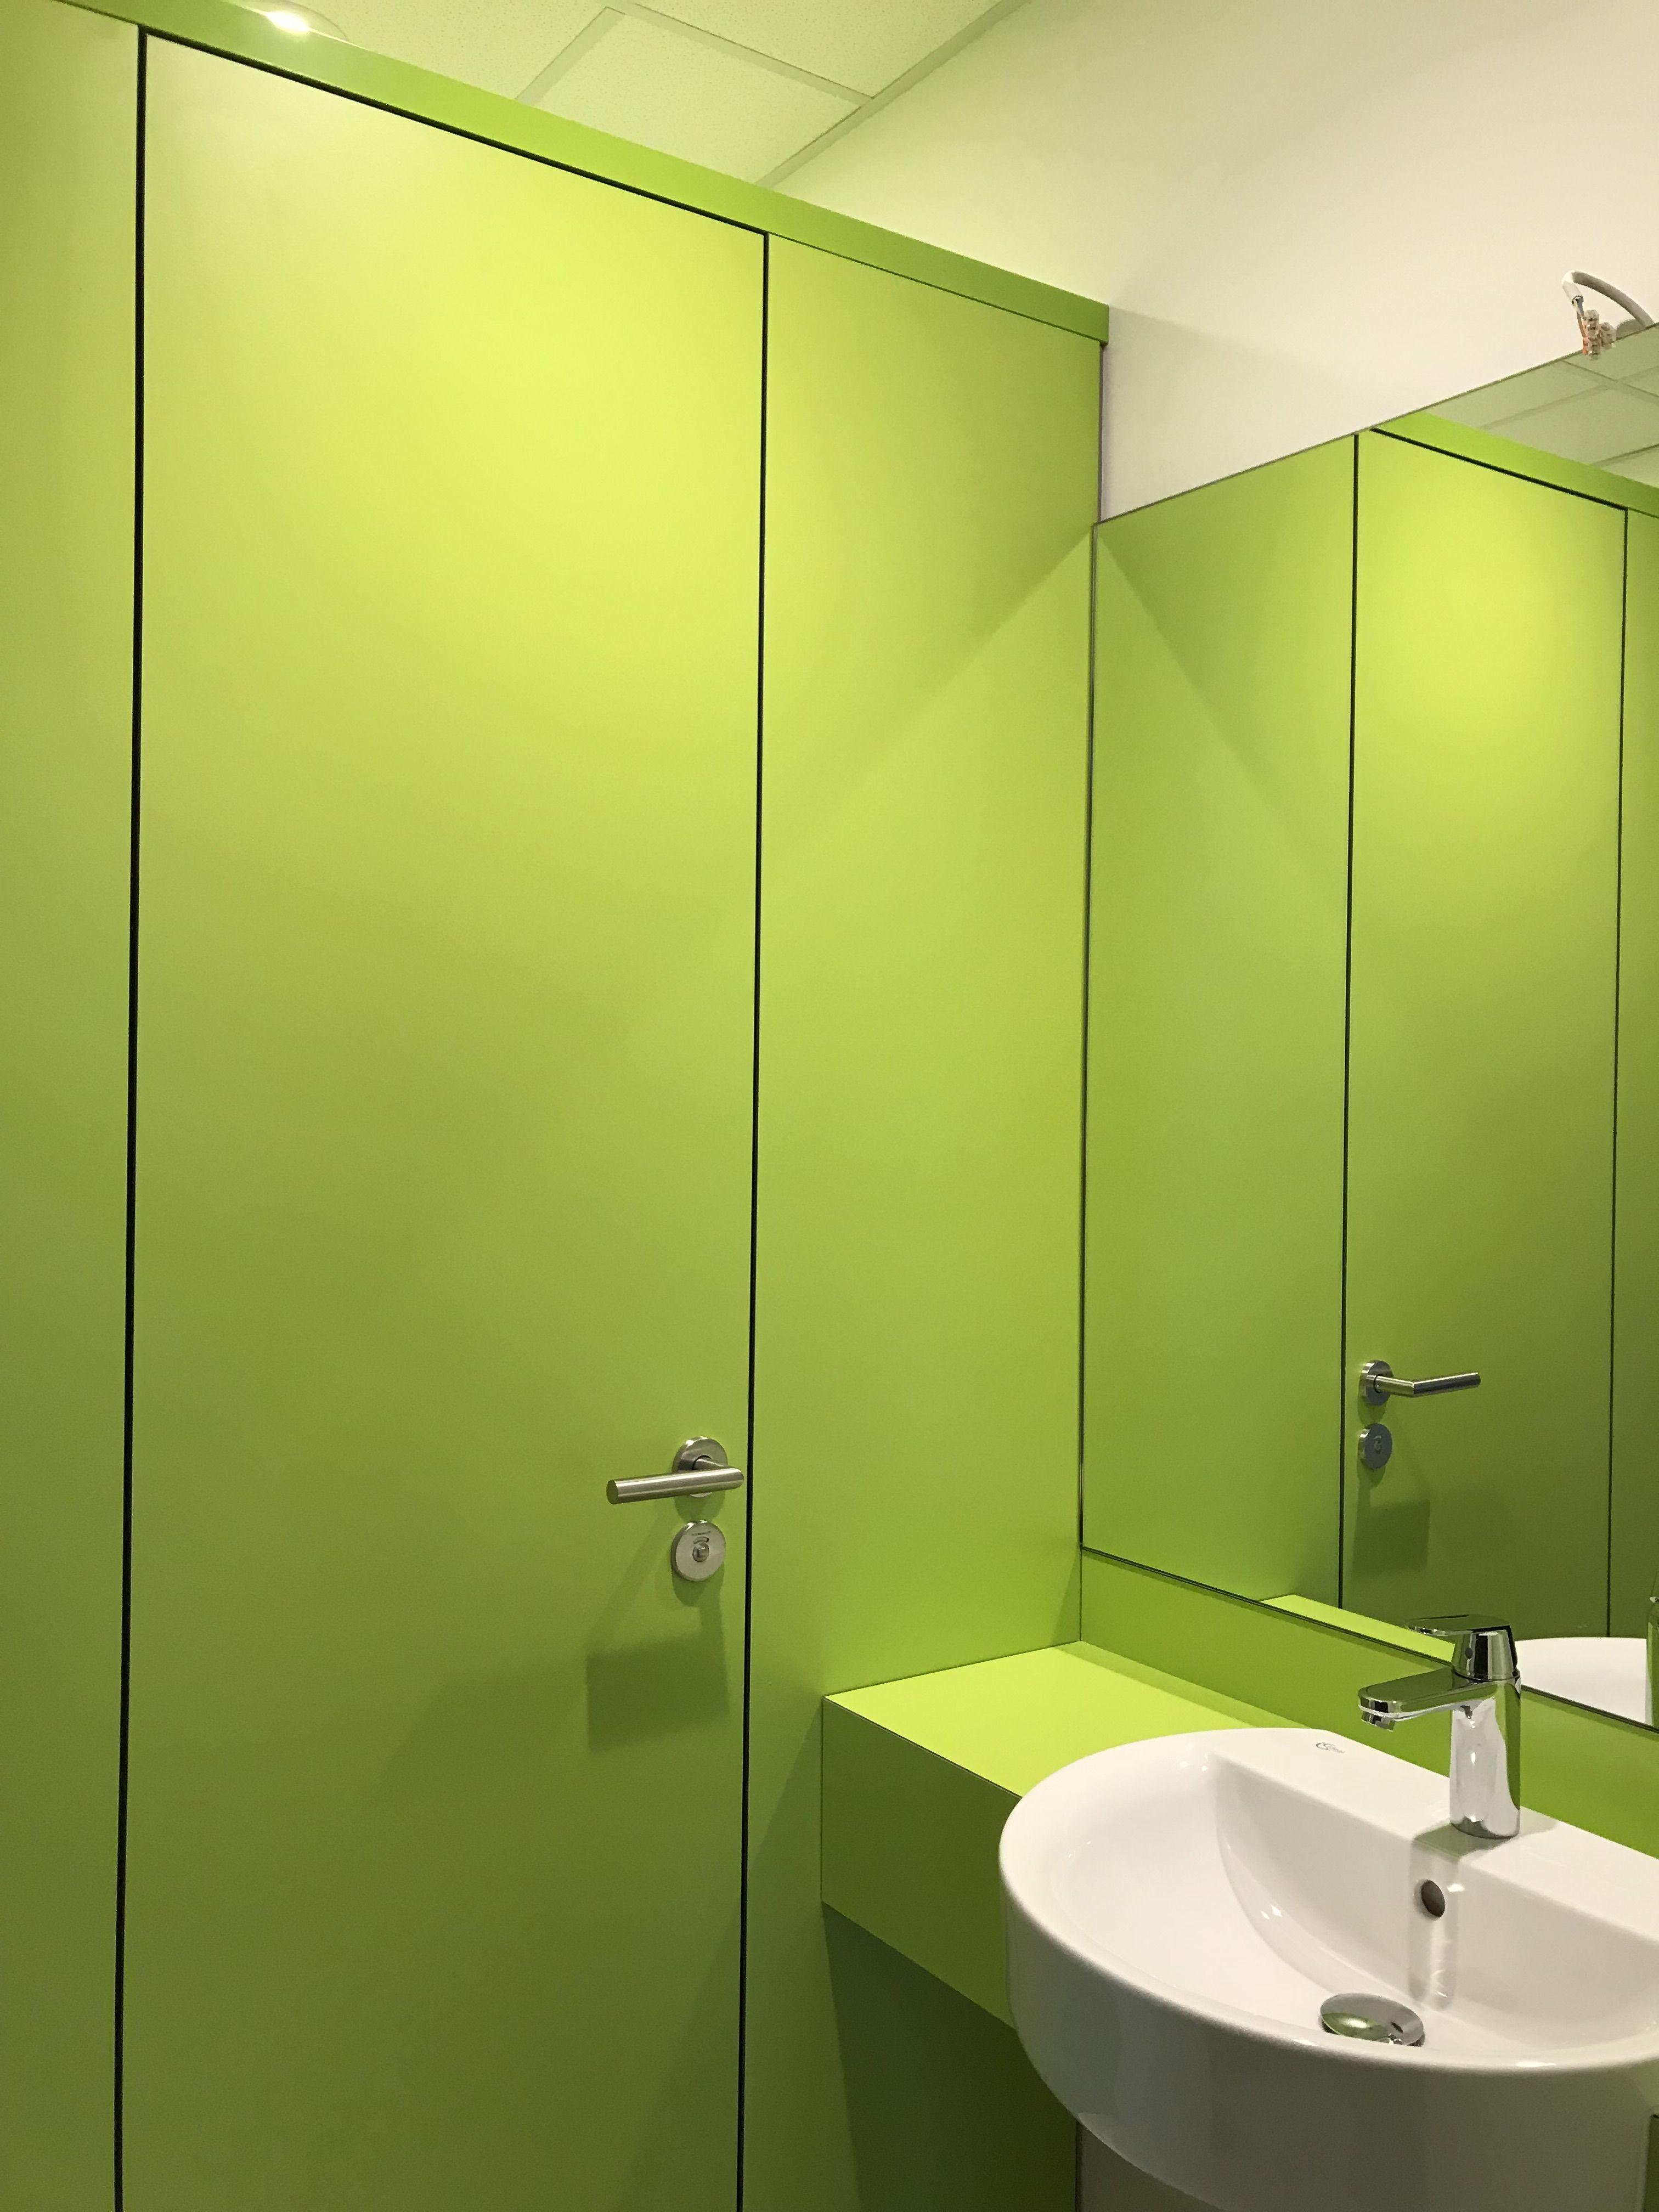 Trennwandanlage Primo F Von Kemmlit In Farbe Limonengrun Verwaltungsgebaude Trennwand Industrie